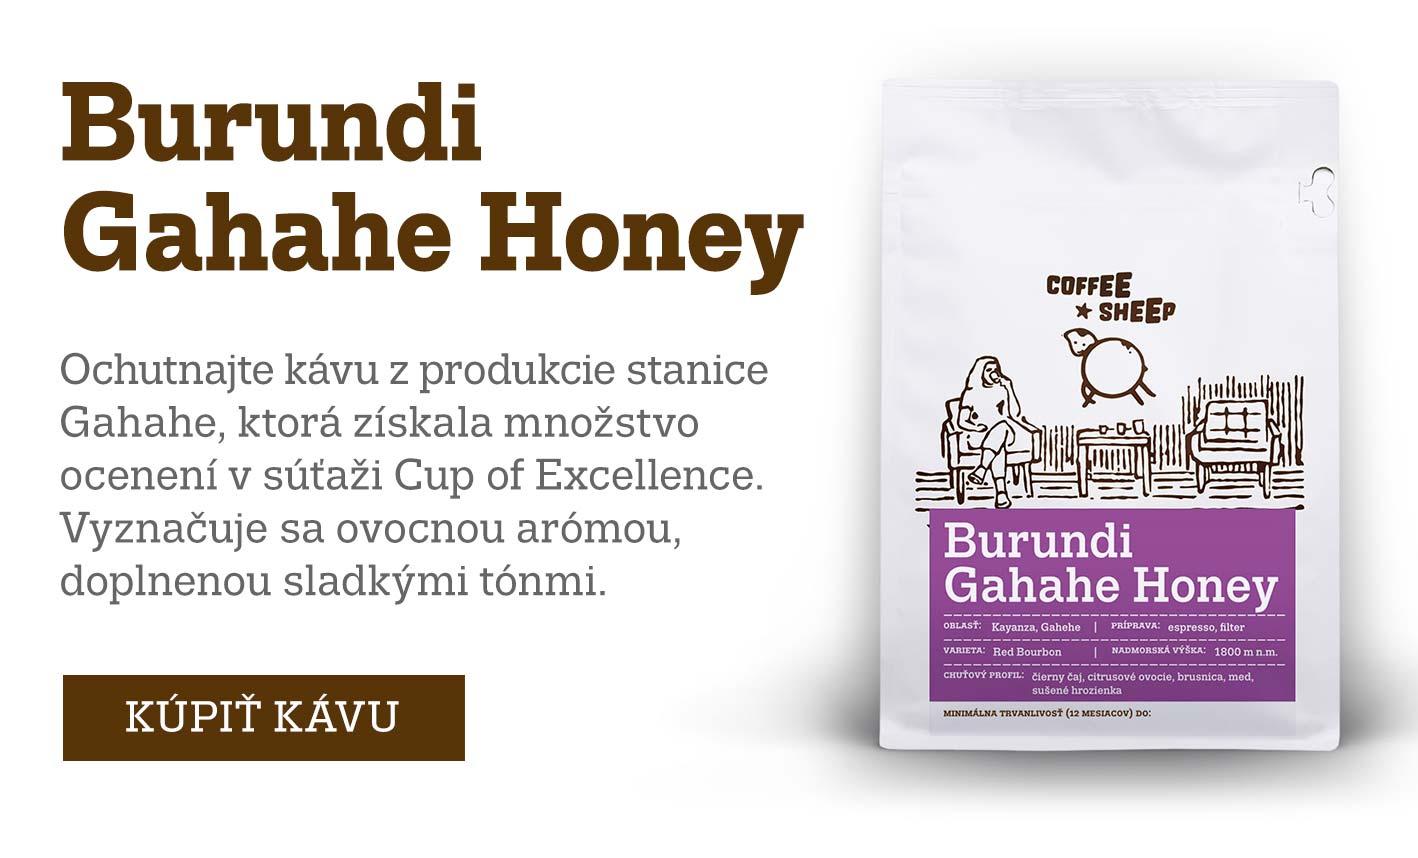 Burundi Gahahe Honey